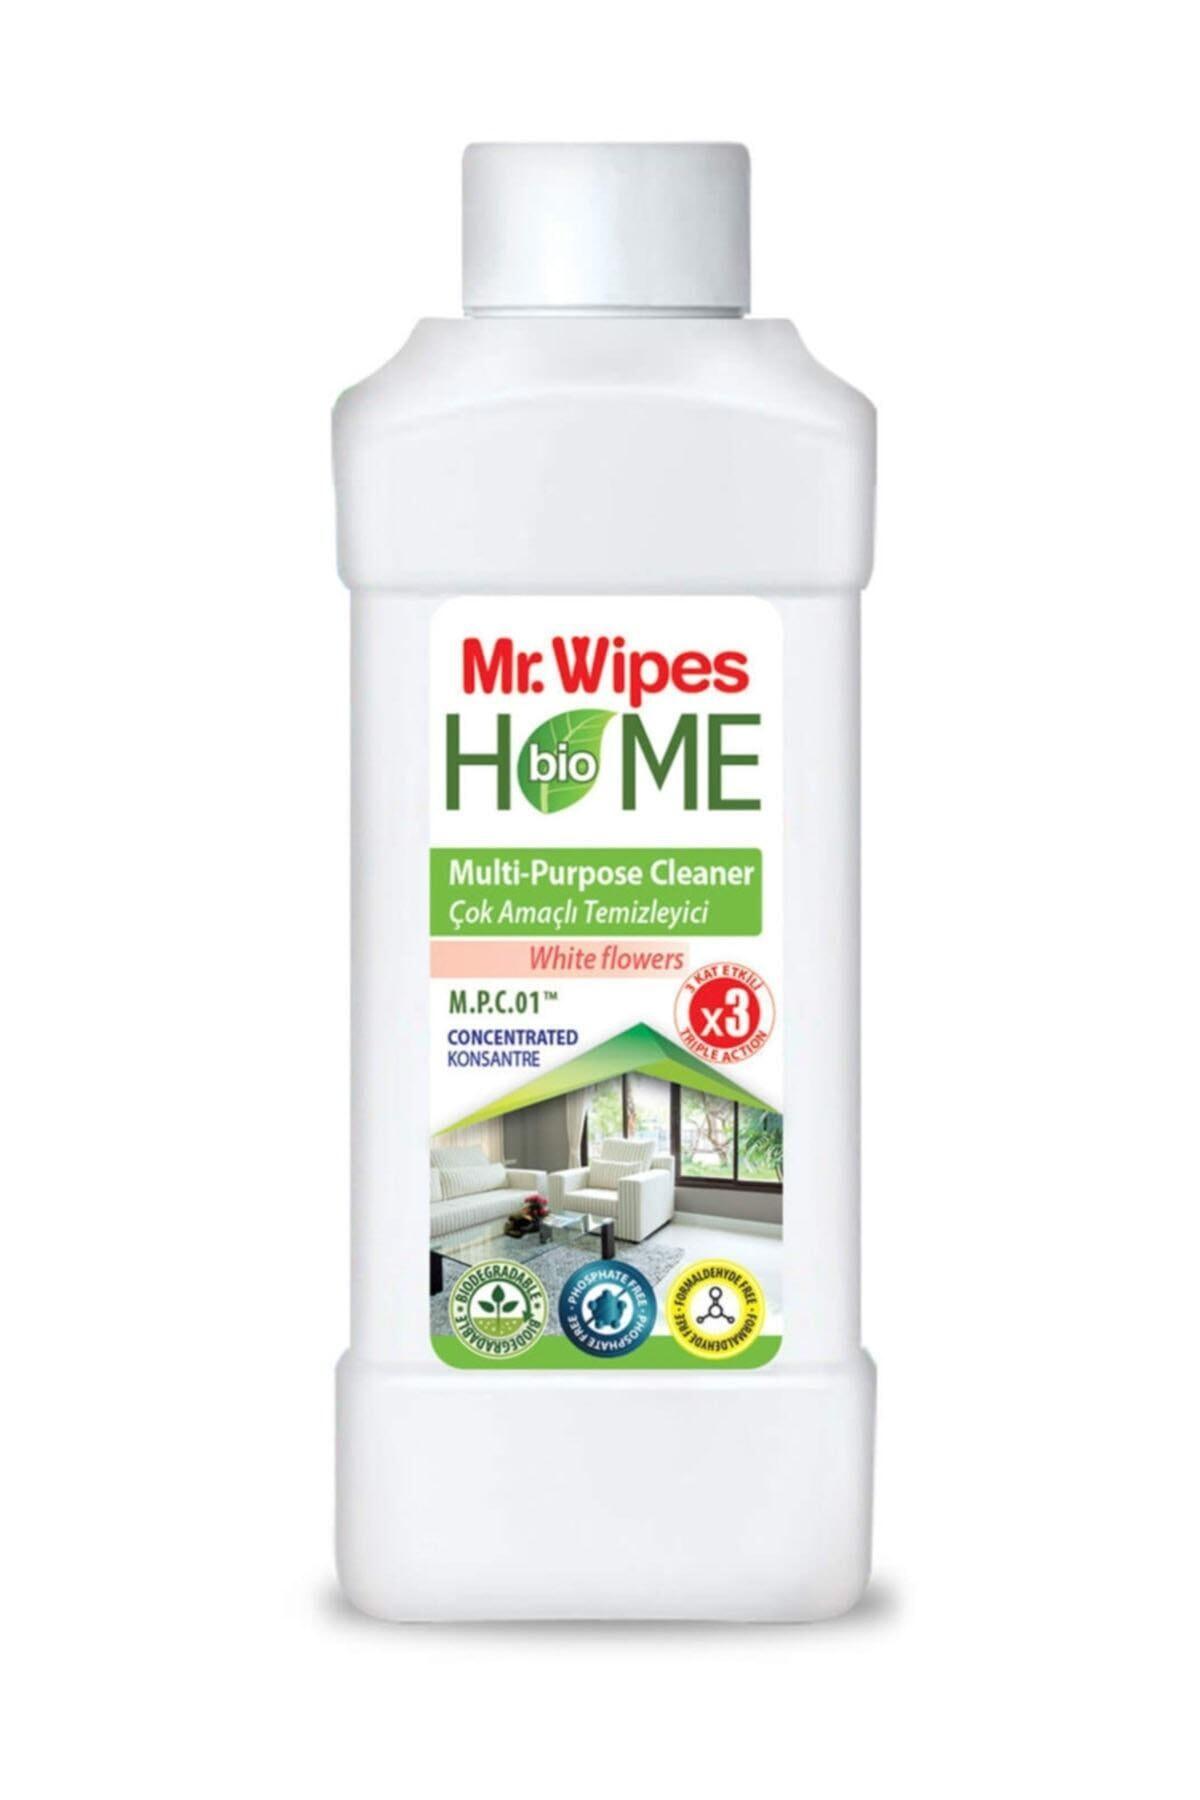 Farmasi Mr Wipes Konsantre Çok Amaçlı Temizleyici Whıte Flowers 500 Ml 1